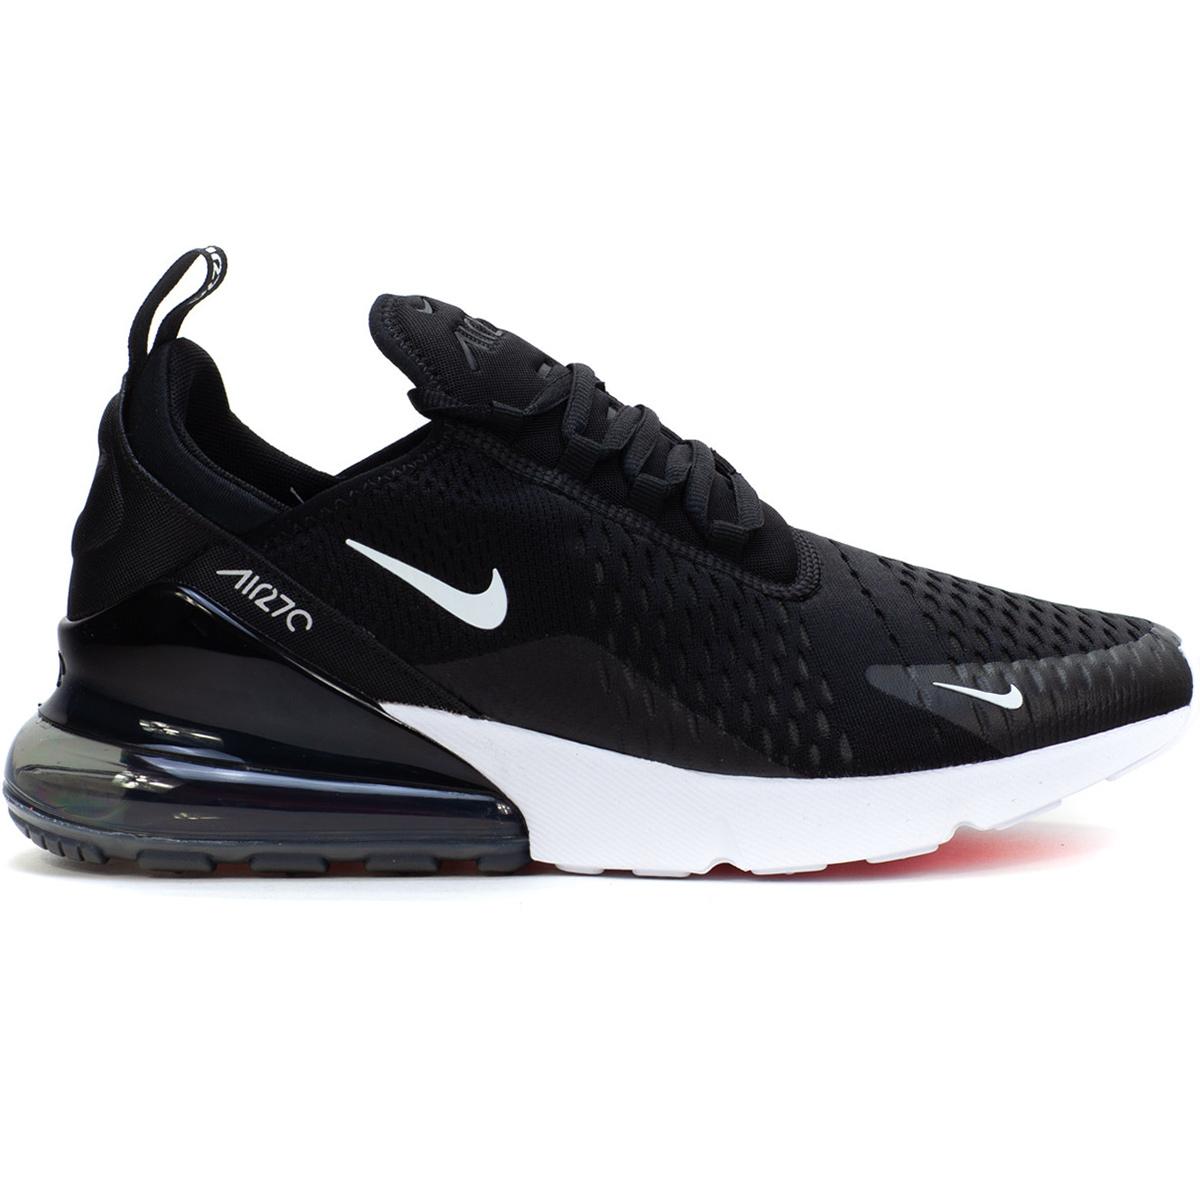 093c1e21193306 Nike Air Max 270 Herren Sneaker schwarz weiß AH8050 002